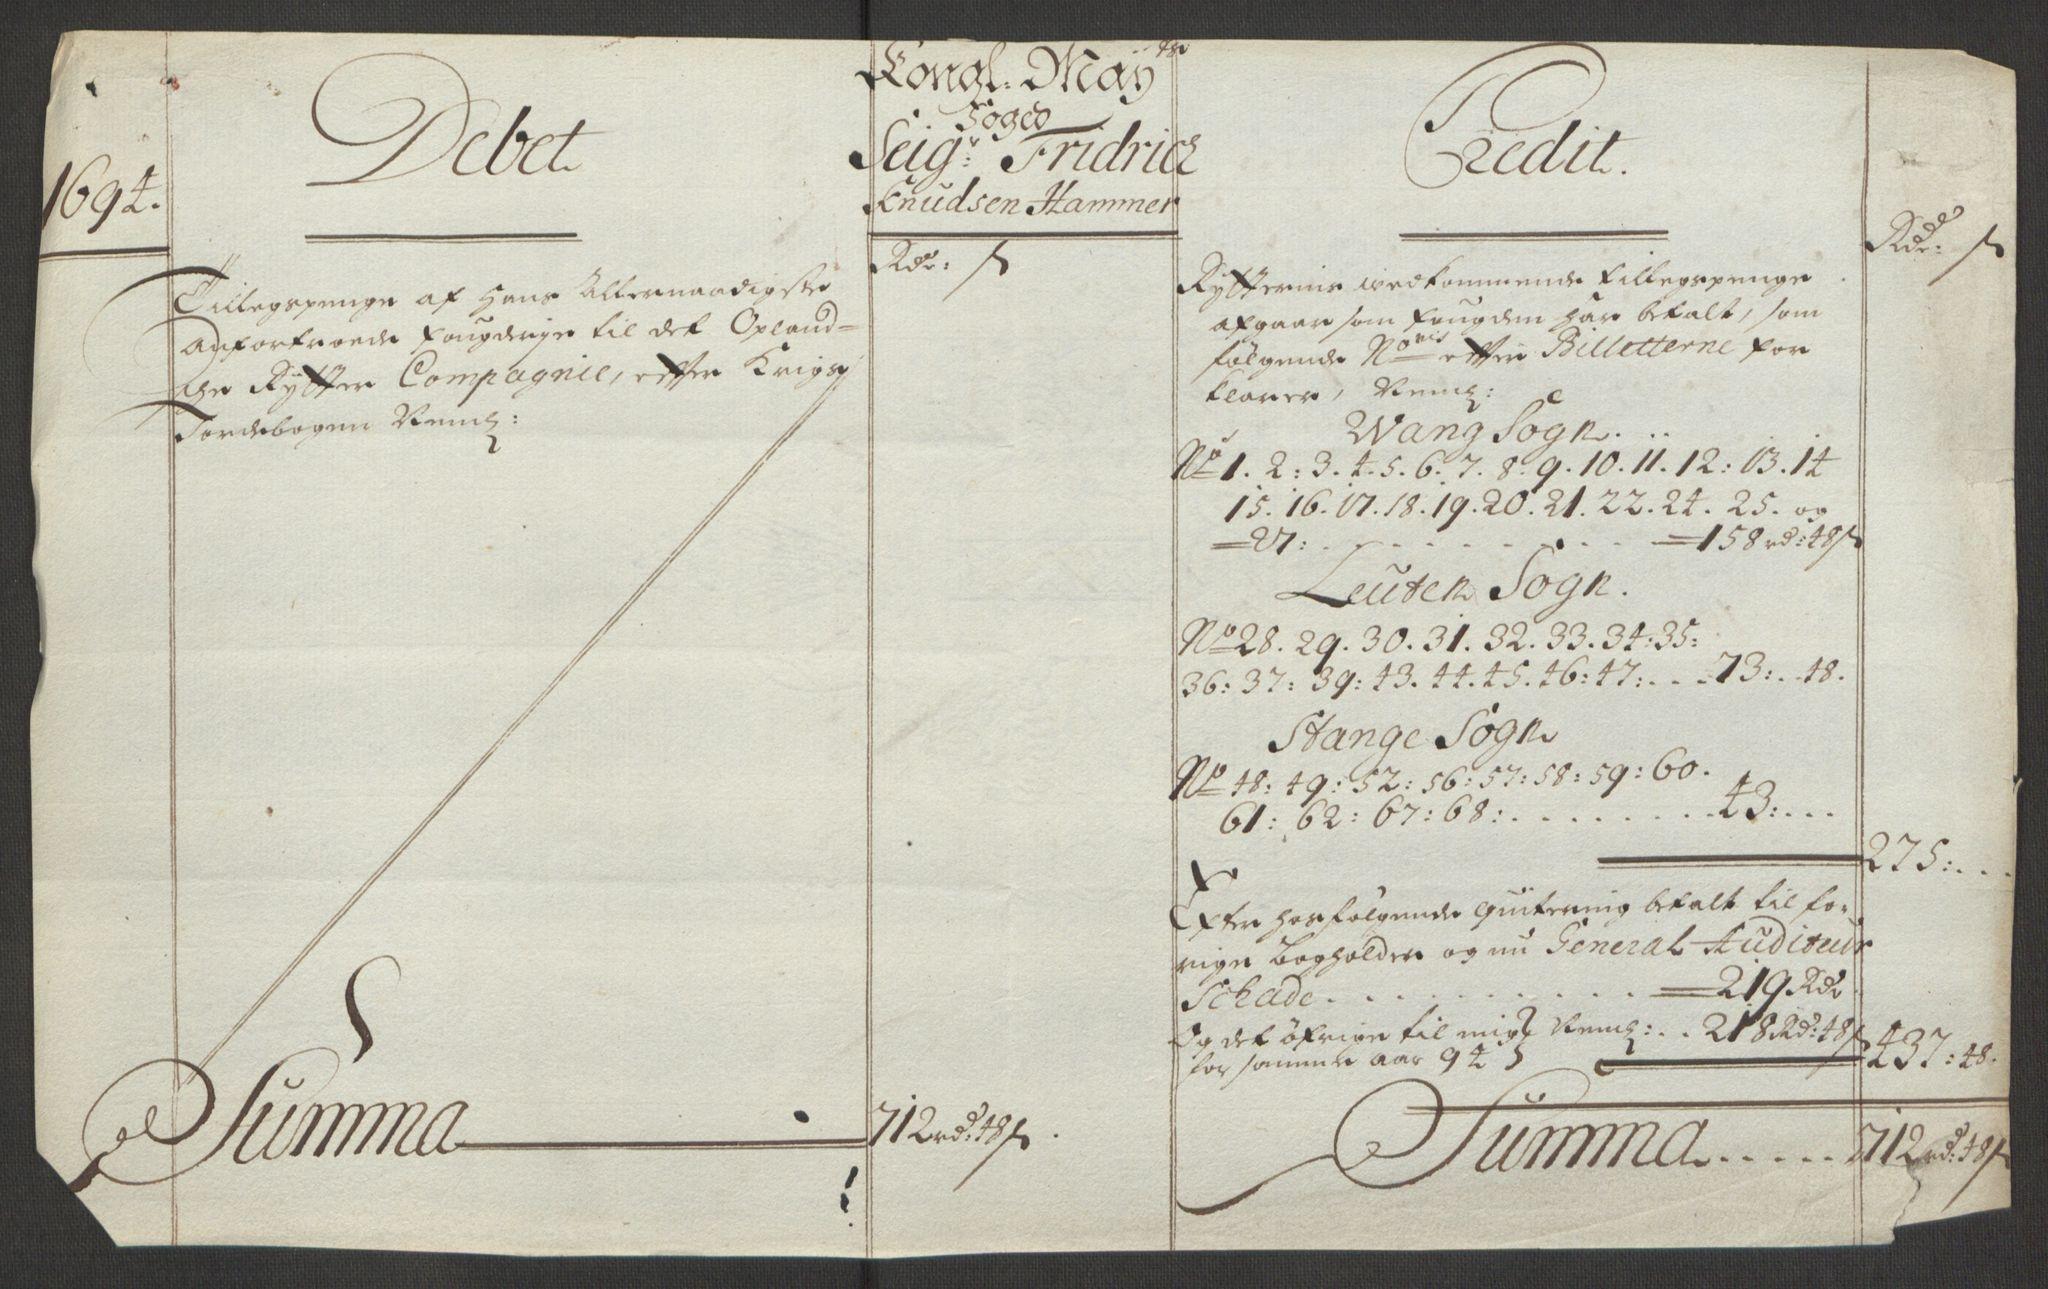 RA, Rentekammeret inntil 1814, Reviderte regnskaper, Fogderegnskap, R16/L1035: Fogderegnskap Hedmark, 1694, s. 128